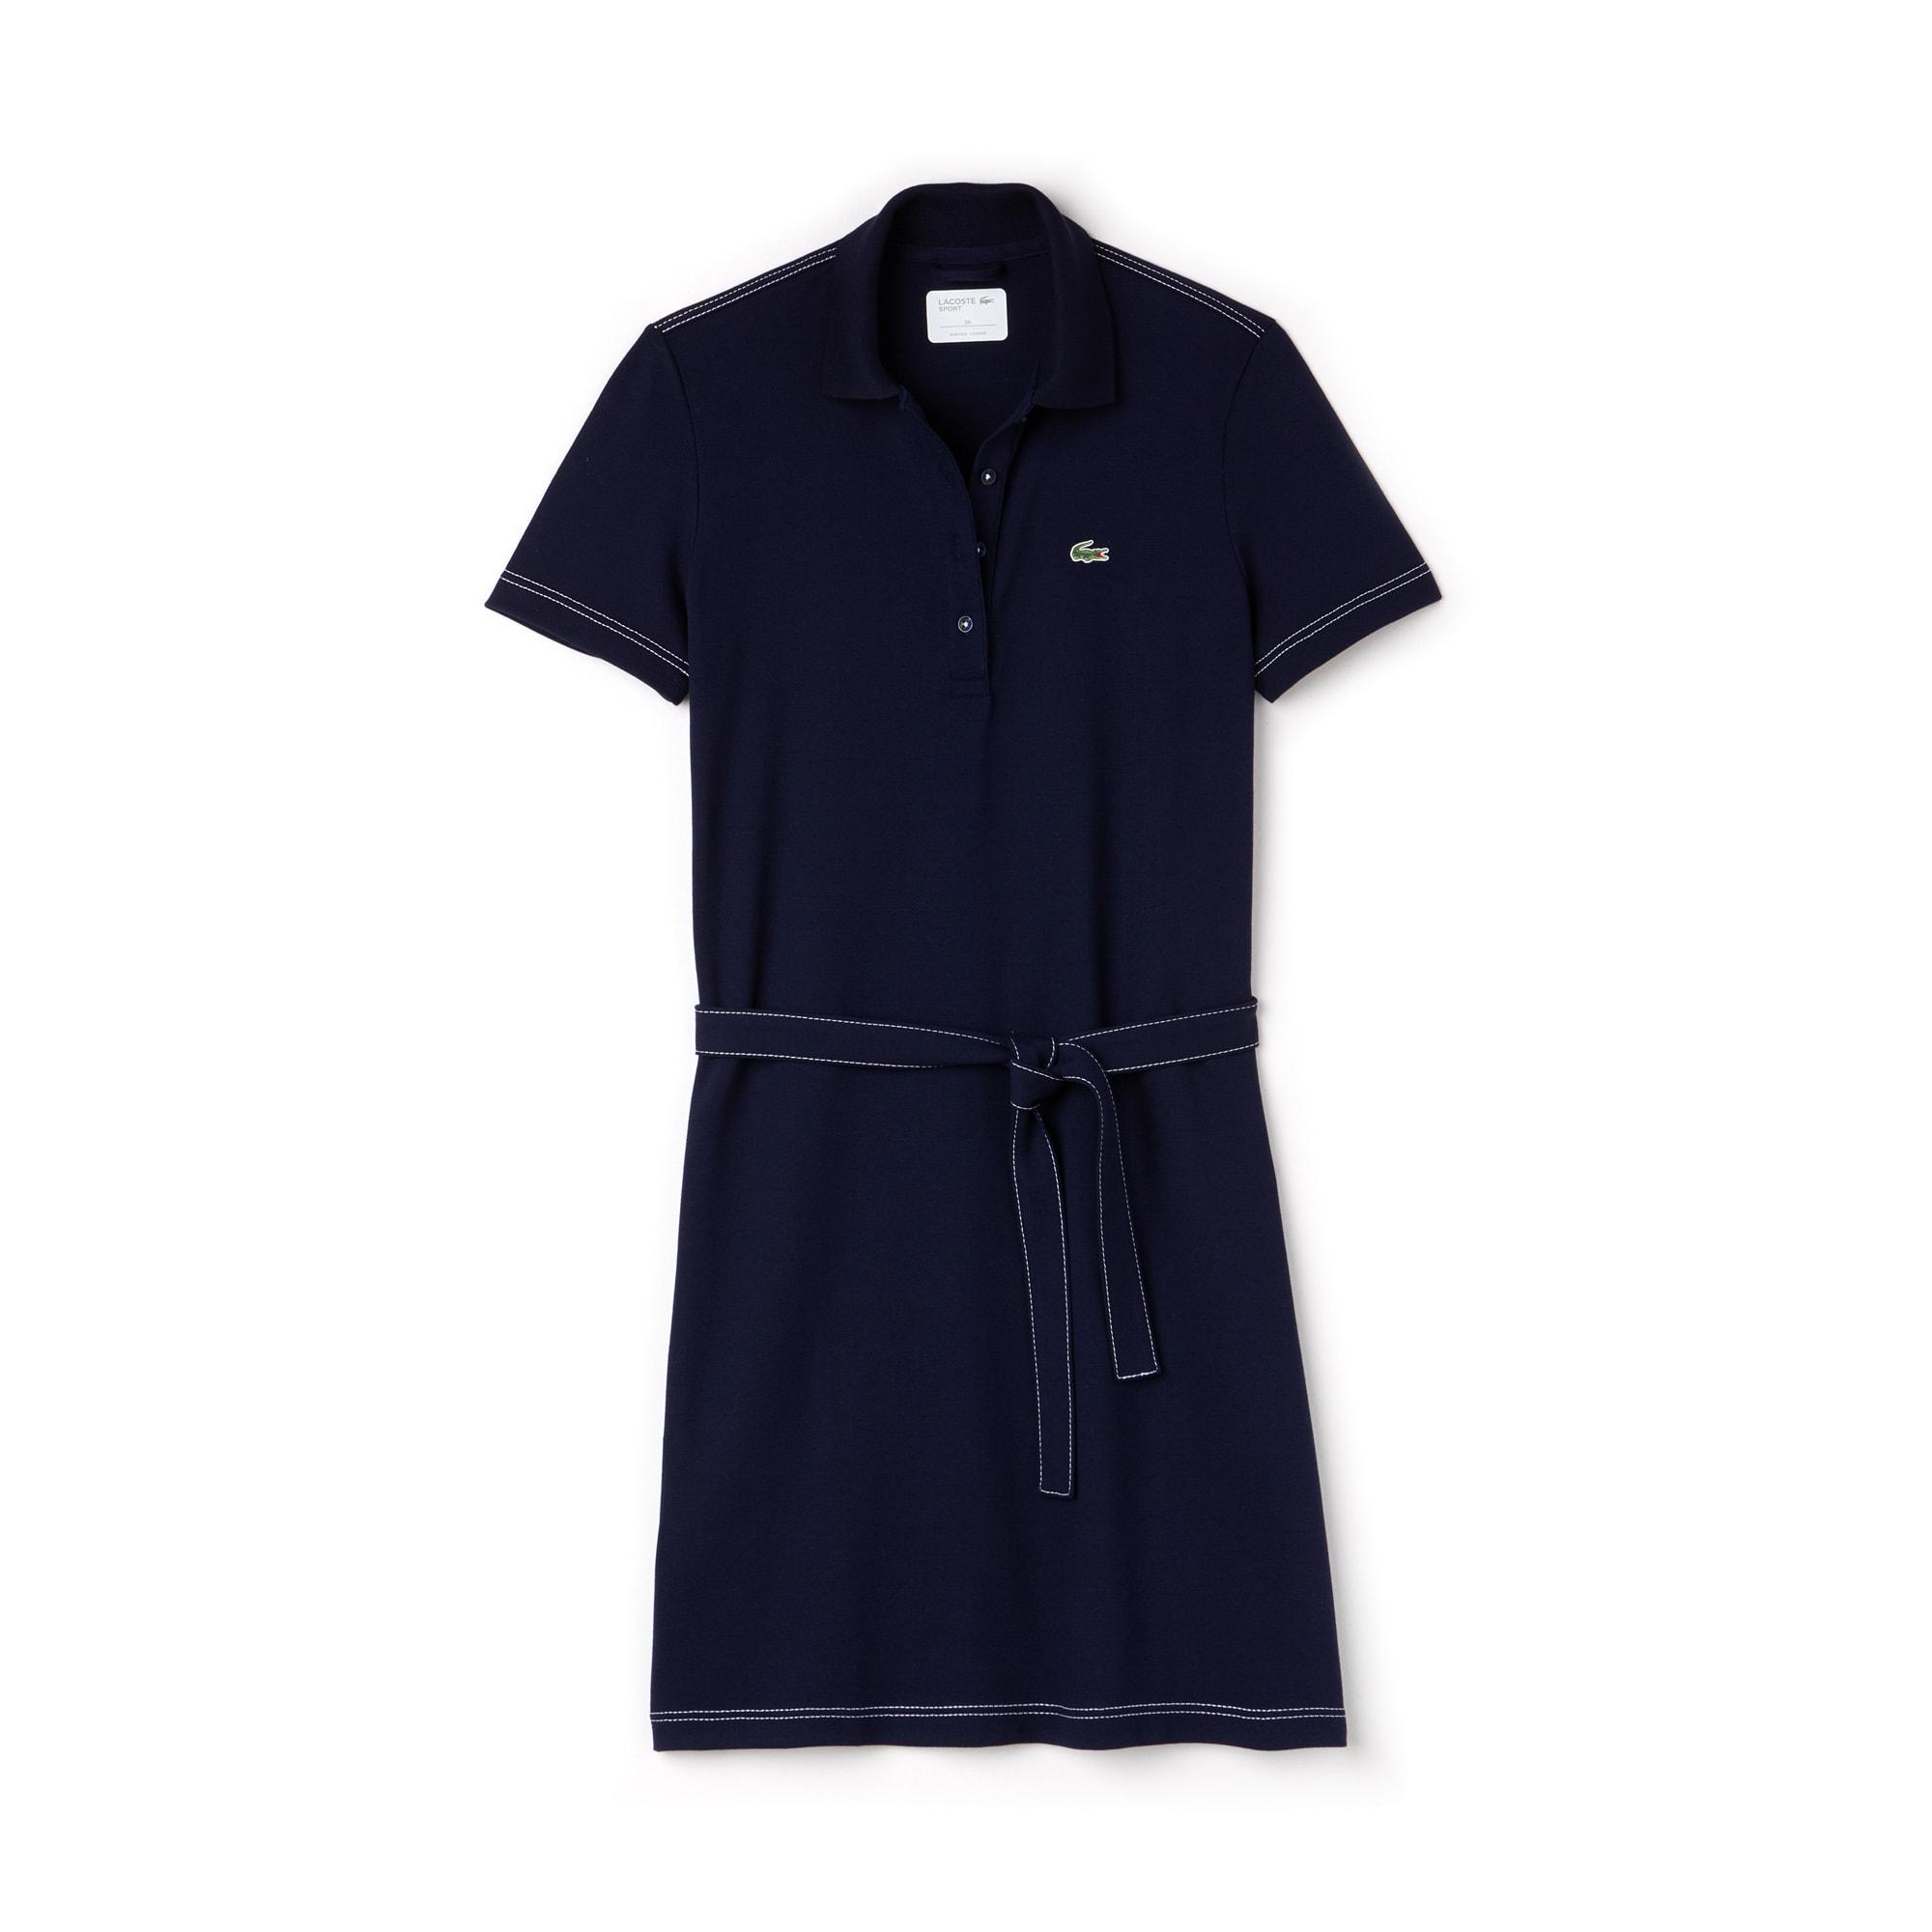 라코스테 Lacoste Womens SPORT Belted Mini Pique Golf Polo Dress,NAVY BLUE/WHITE